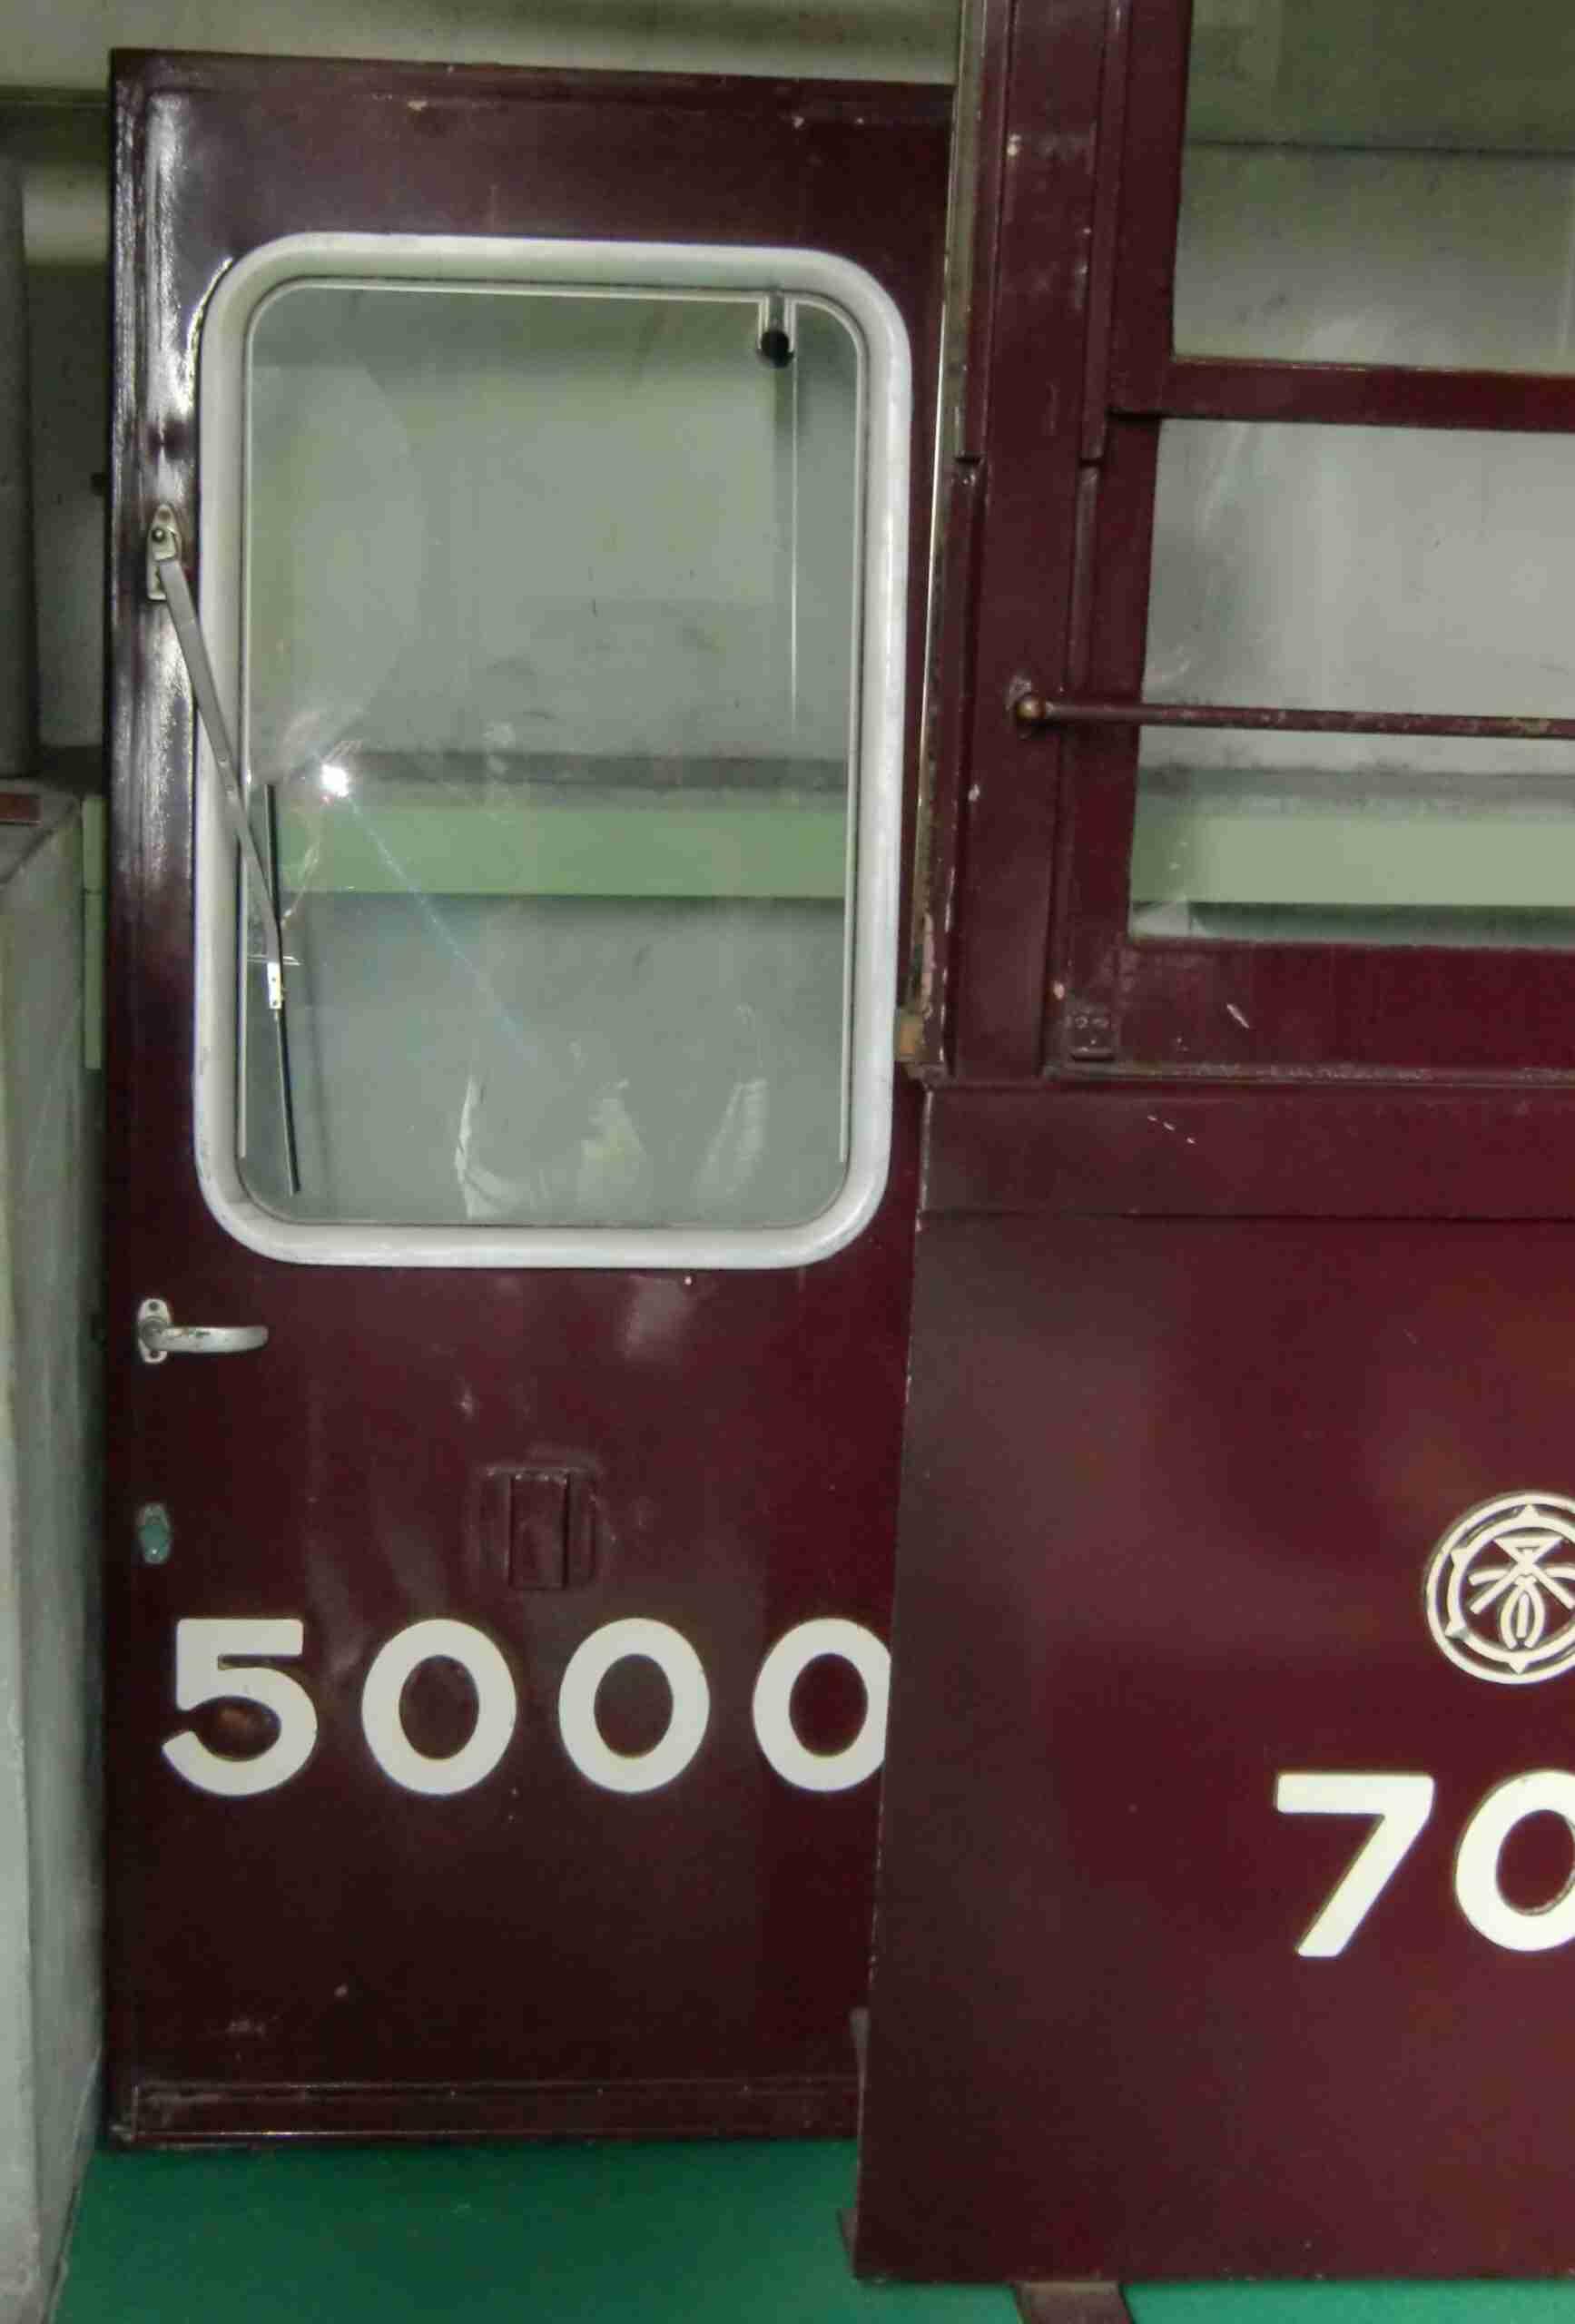 5000 pound loans train